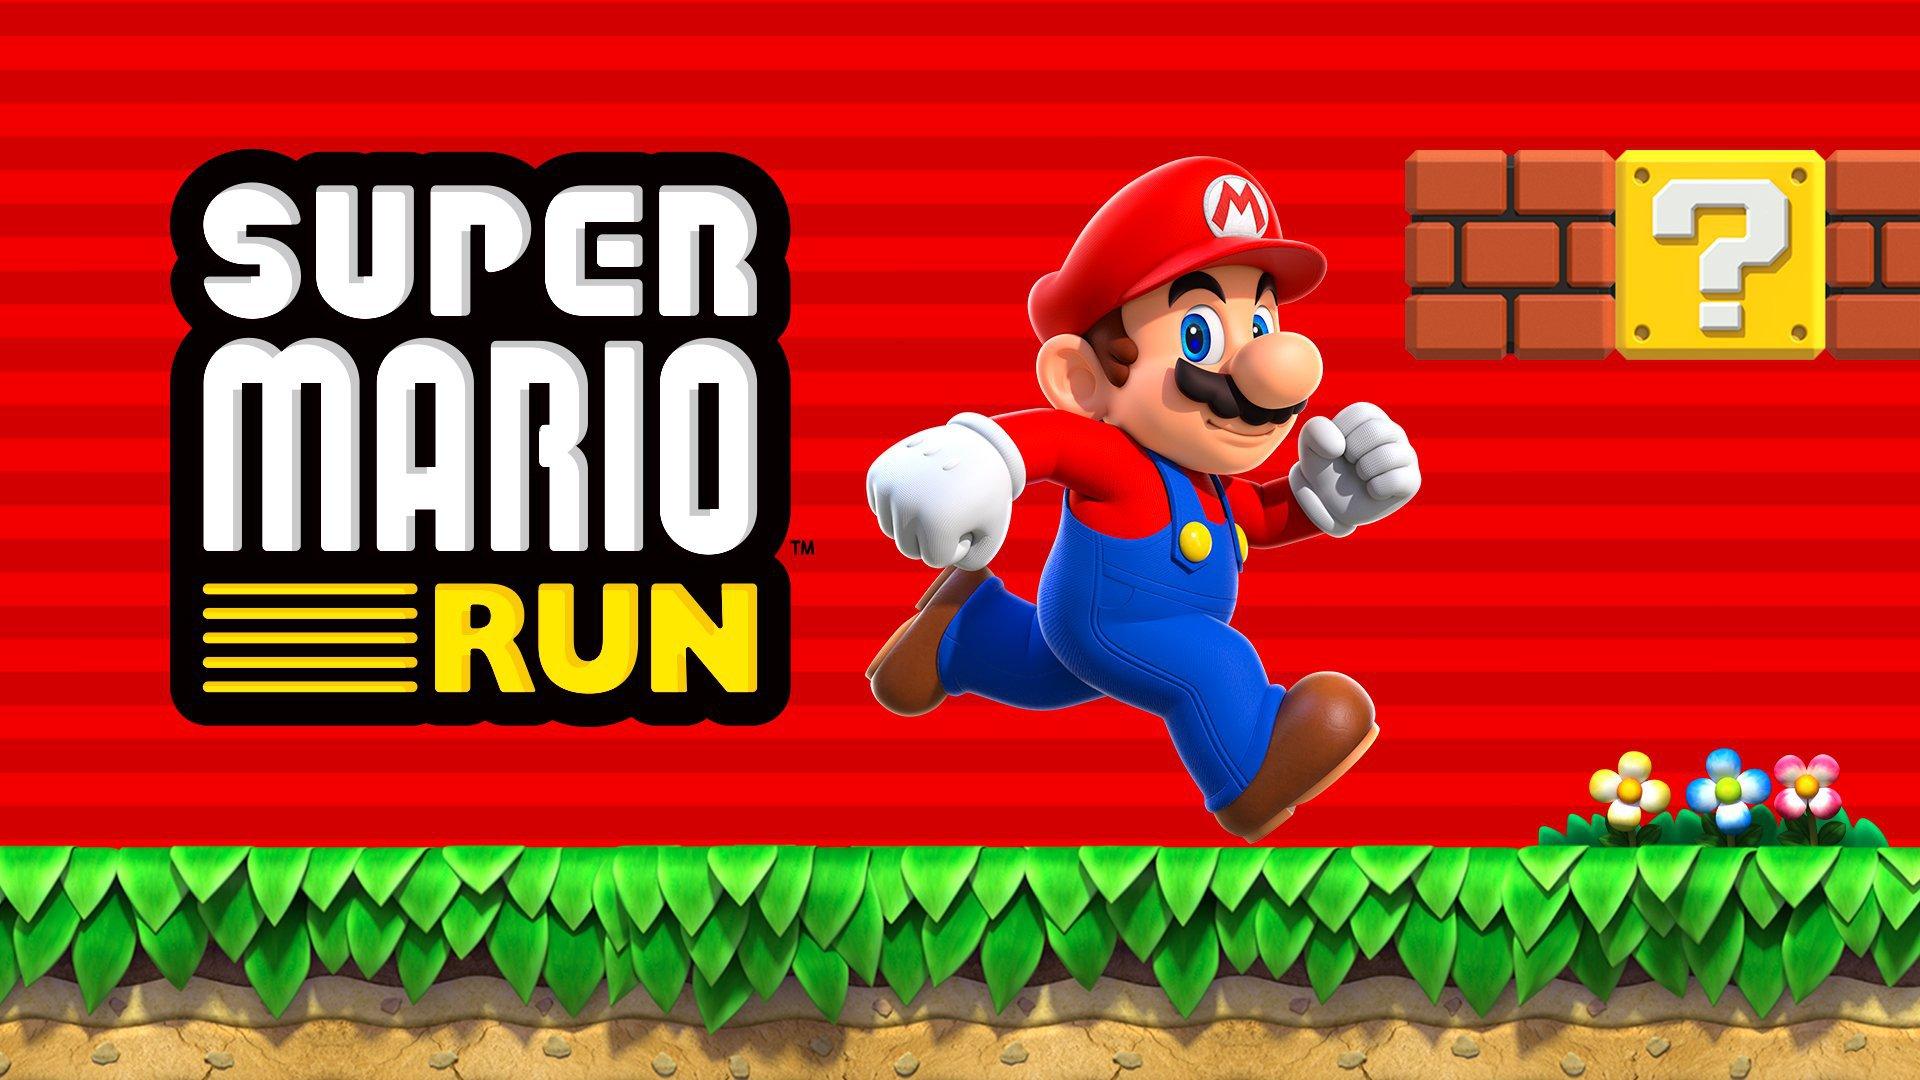 Super Mario Run Oyunu App store'da Yayınlandı